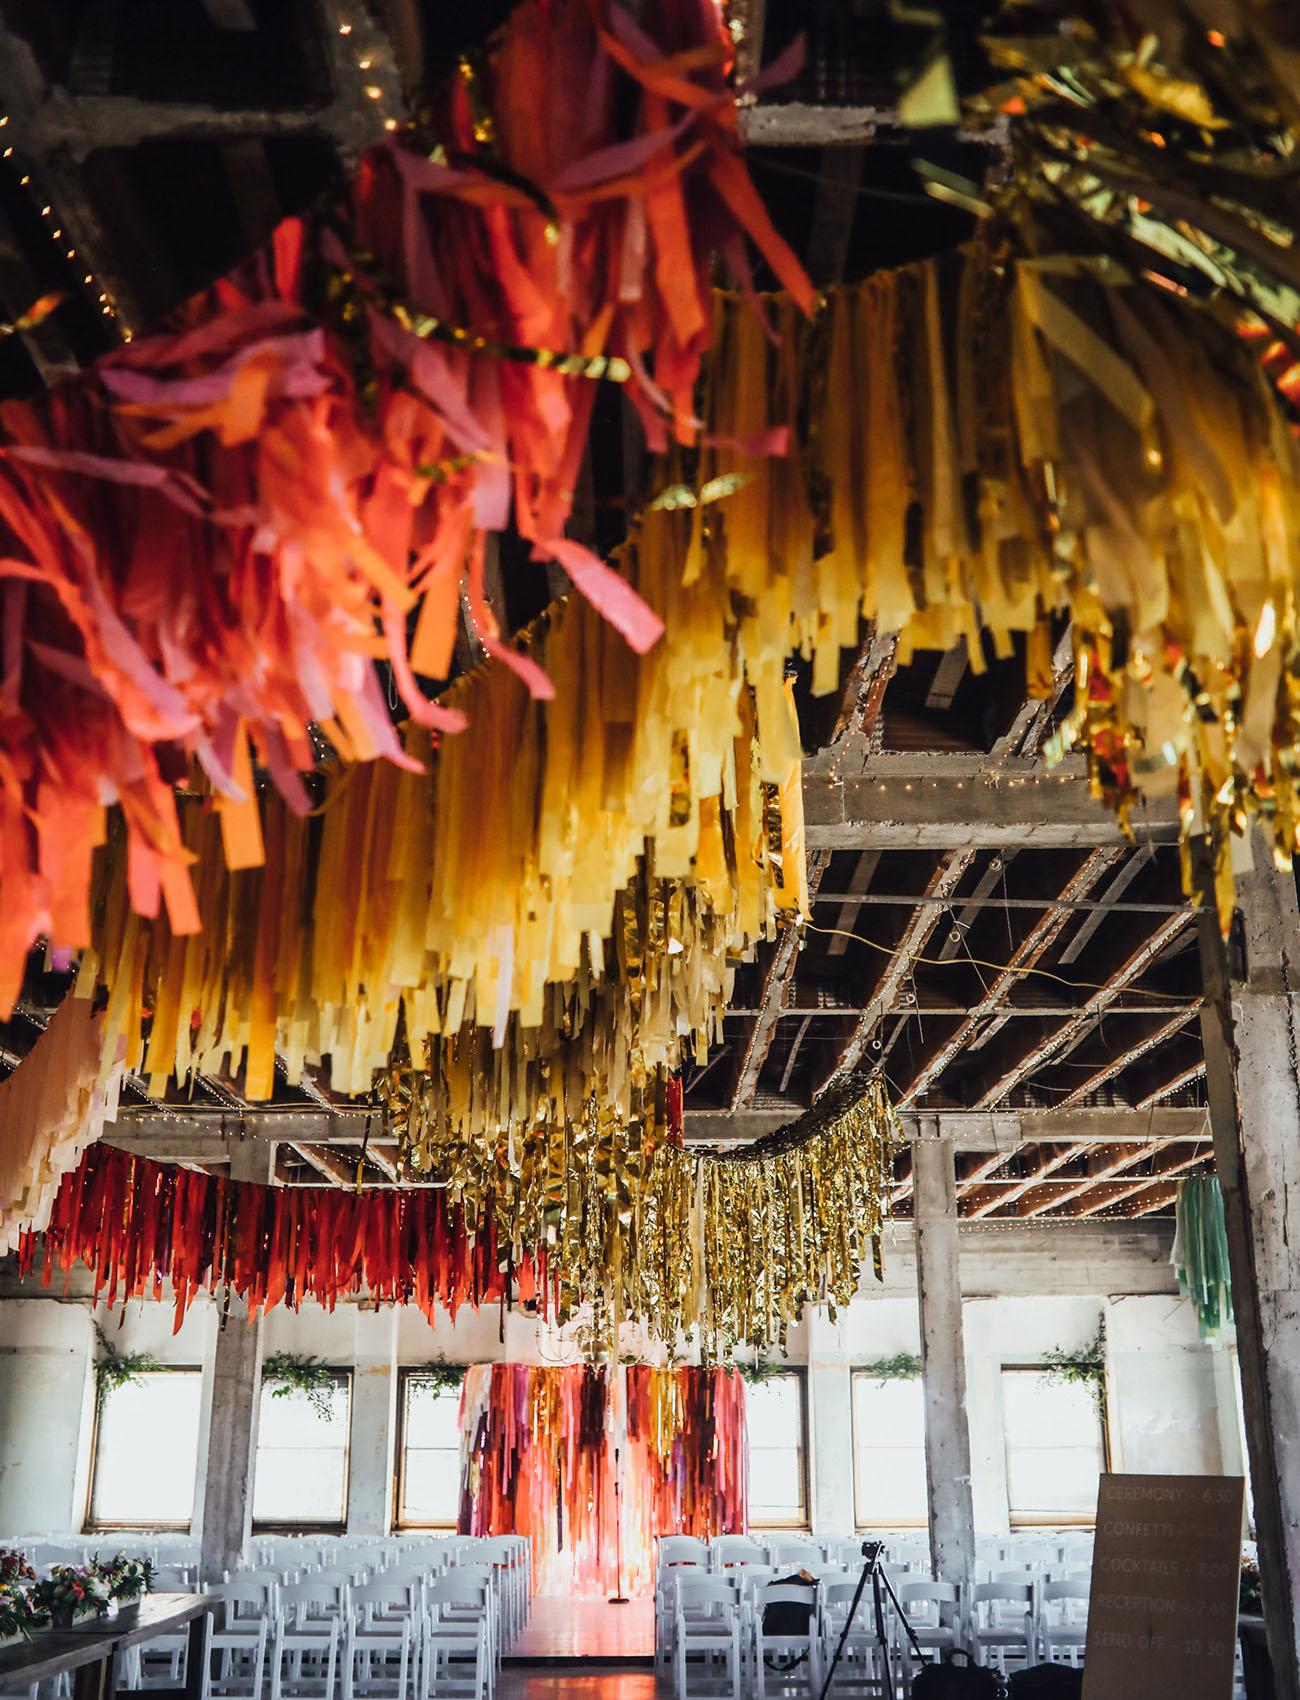 hanging fringe